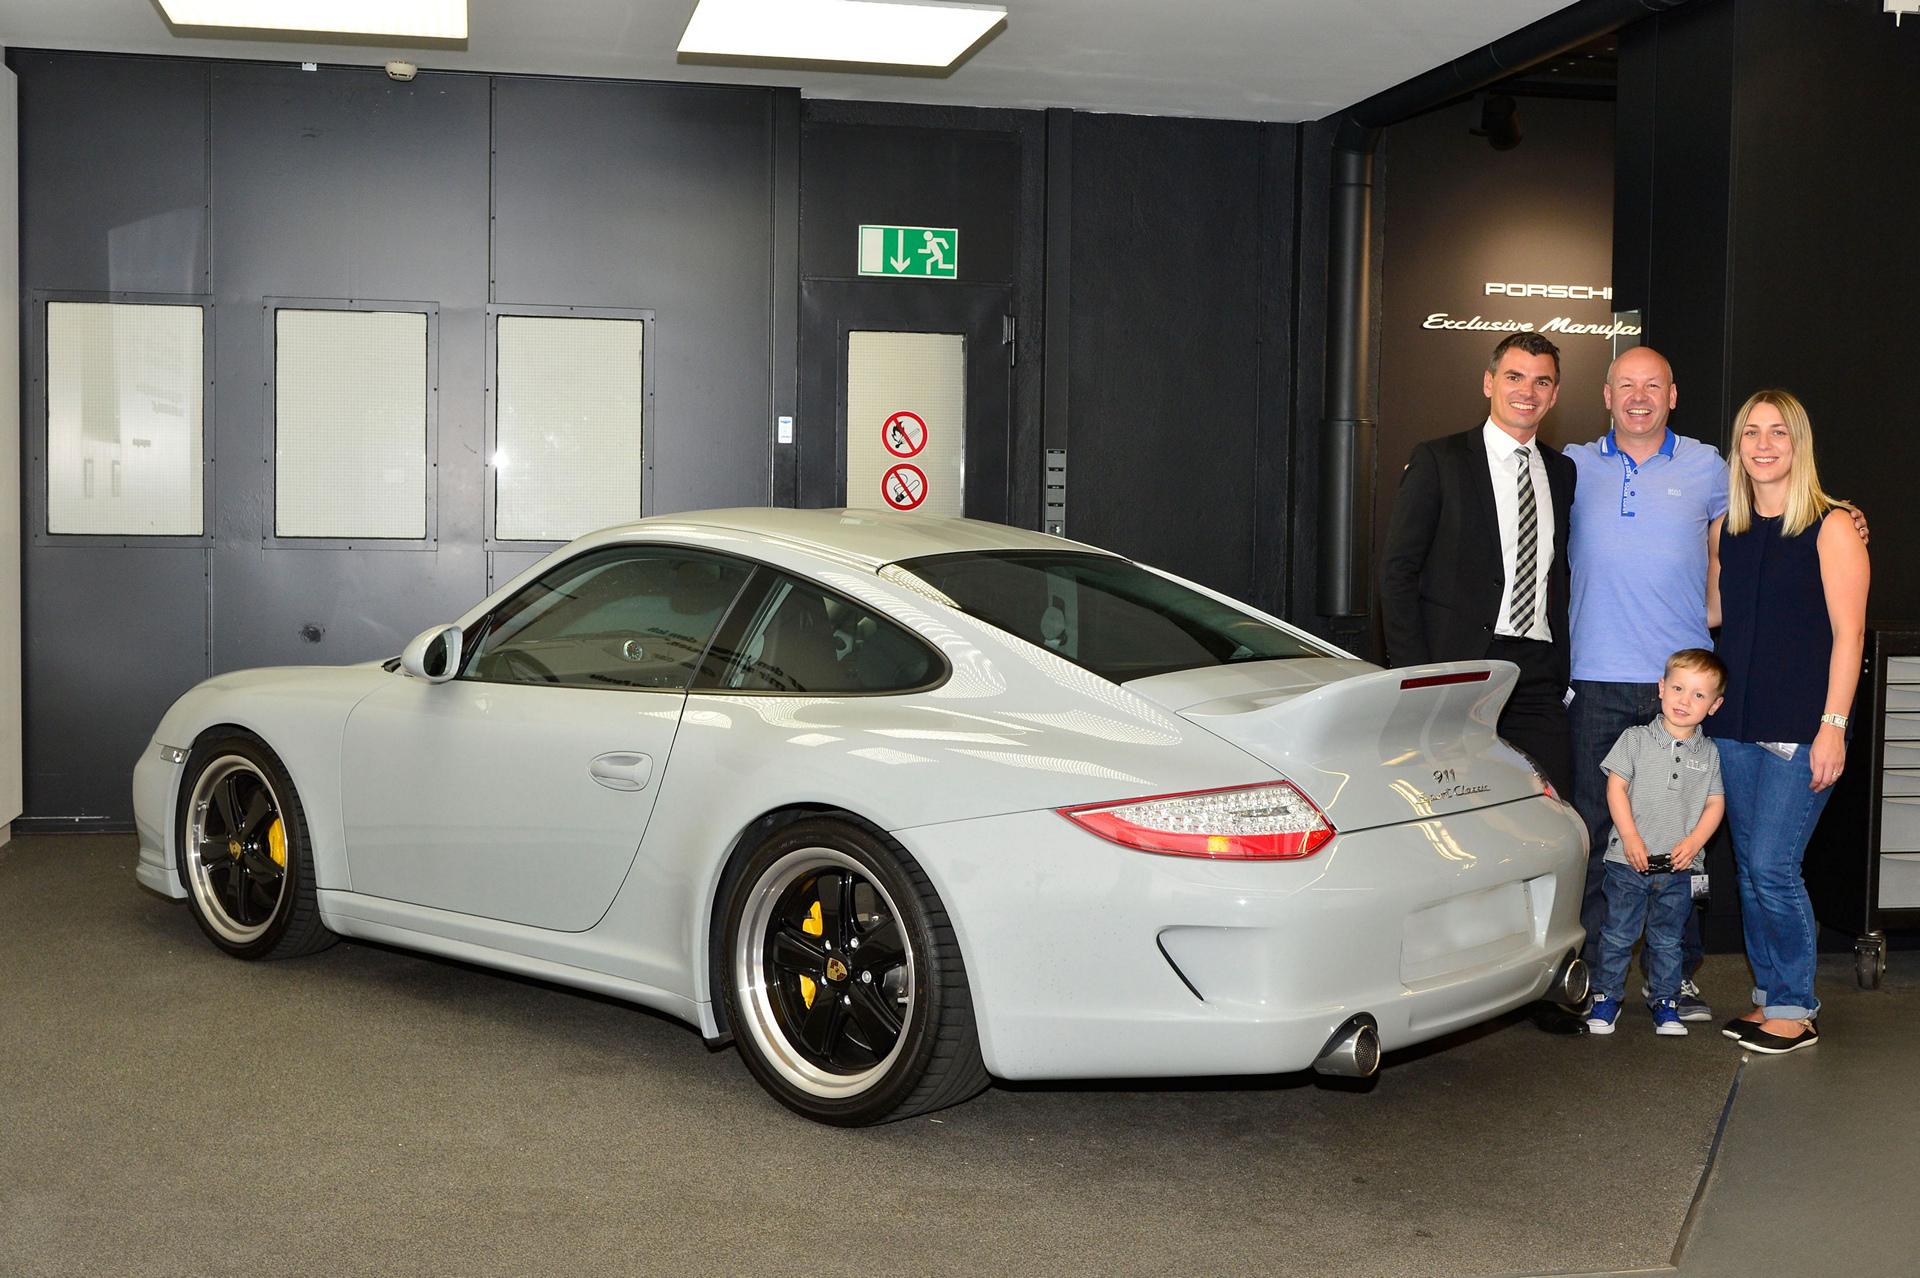 FotoPorsche 911 Sport Classic in Zuffenhausen © Dr. Ing. h.c. F. Porsche AG